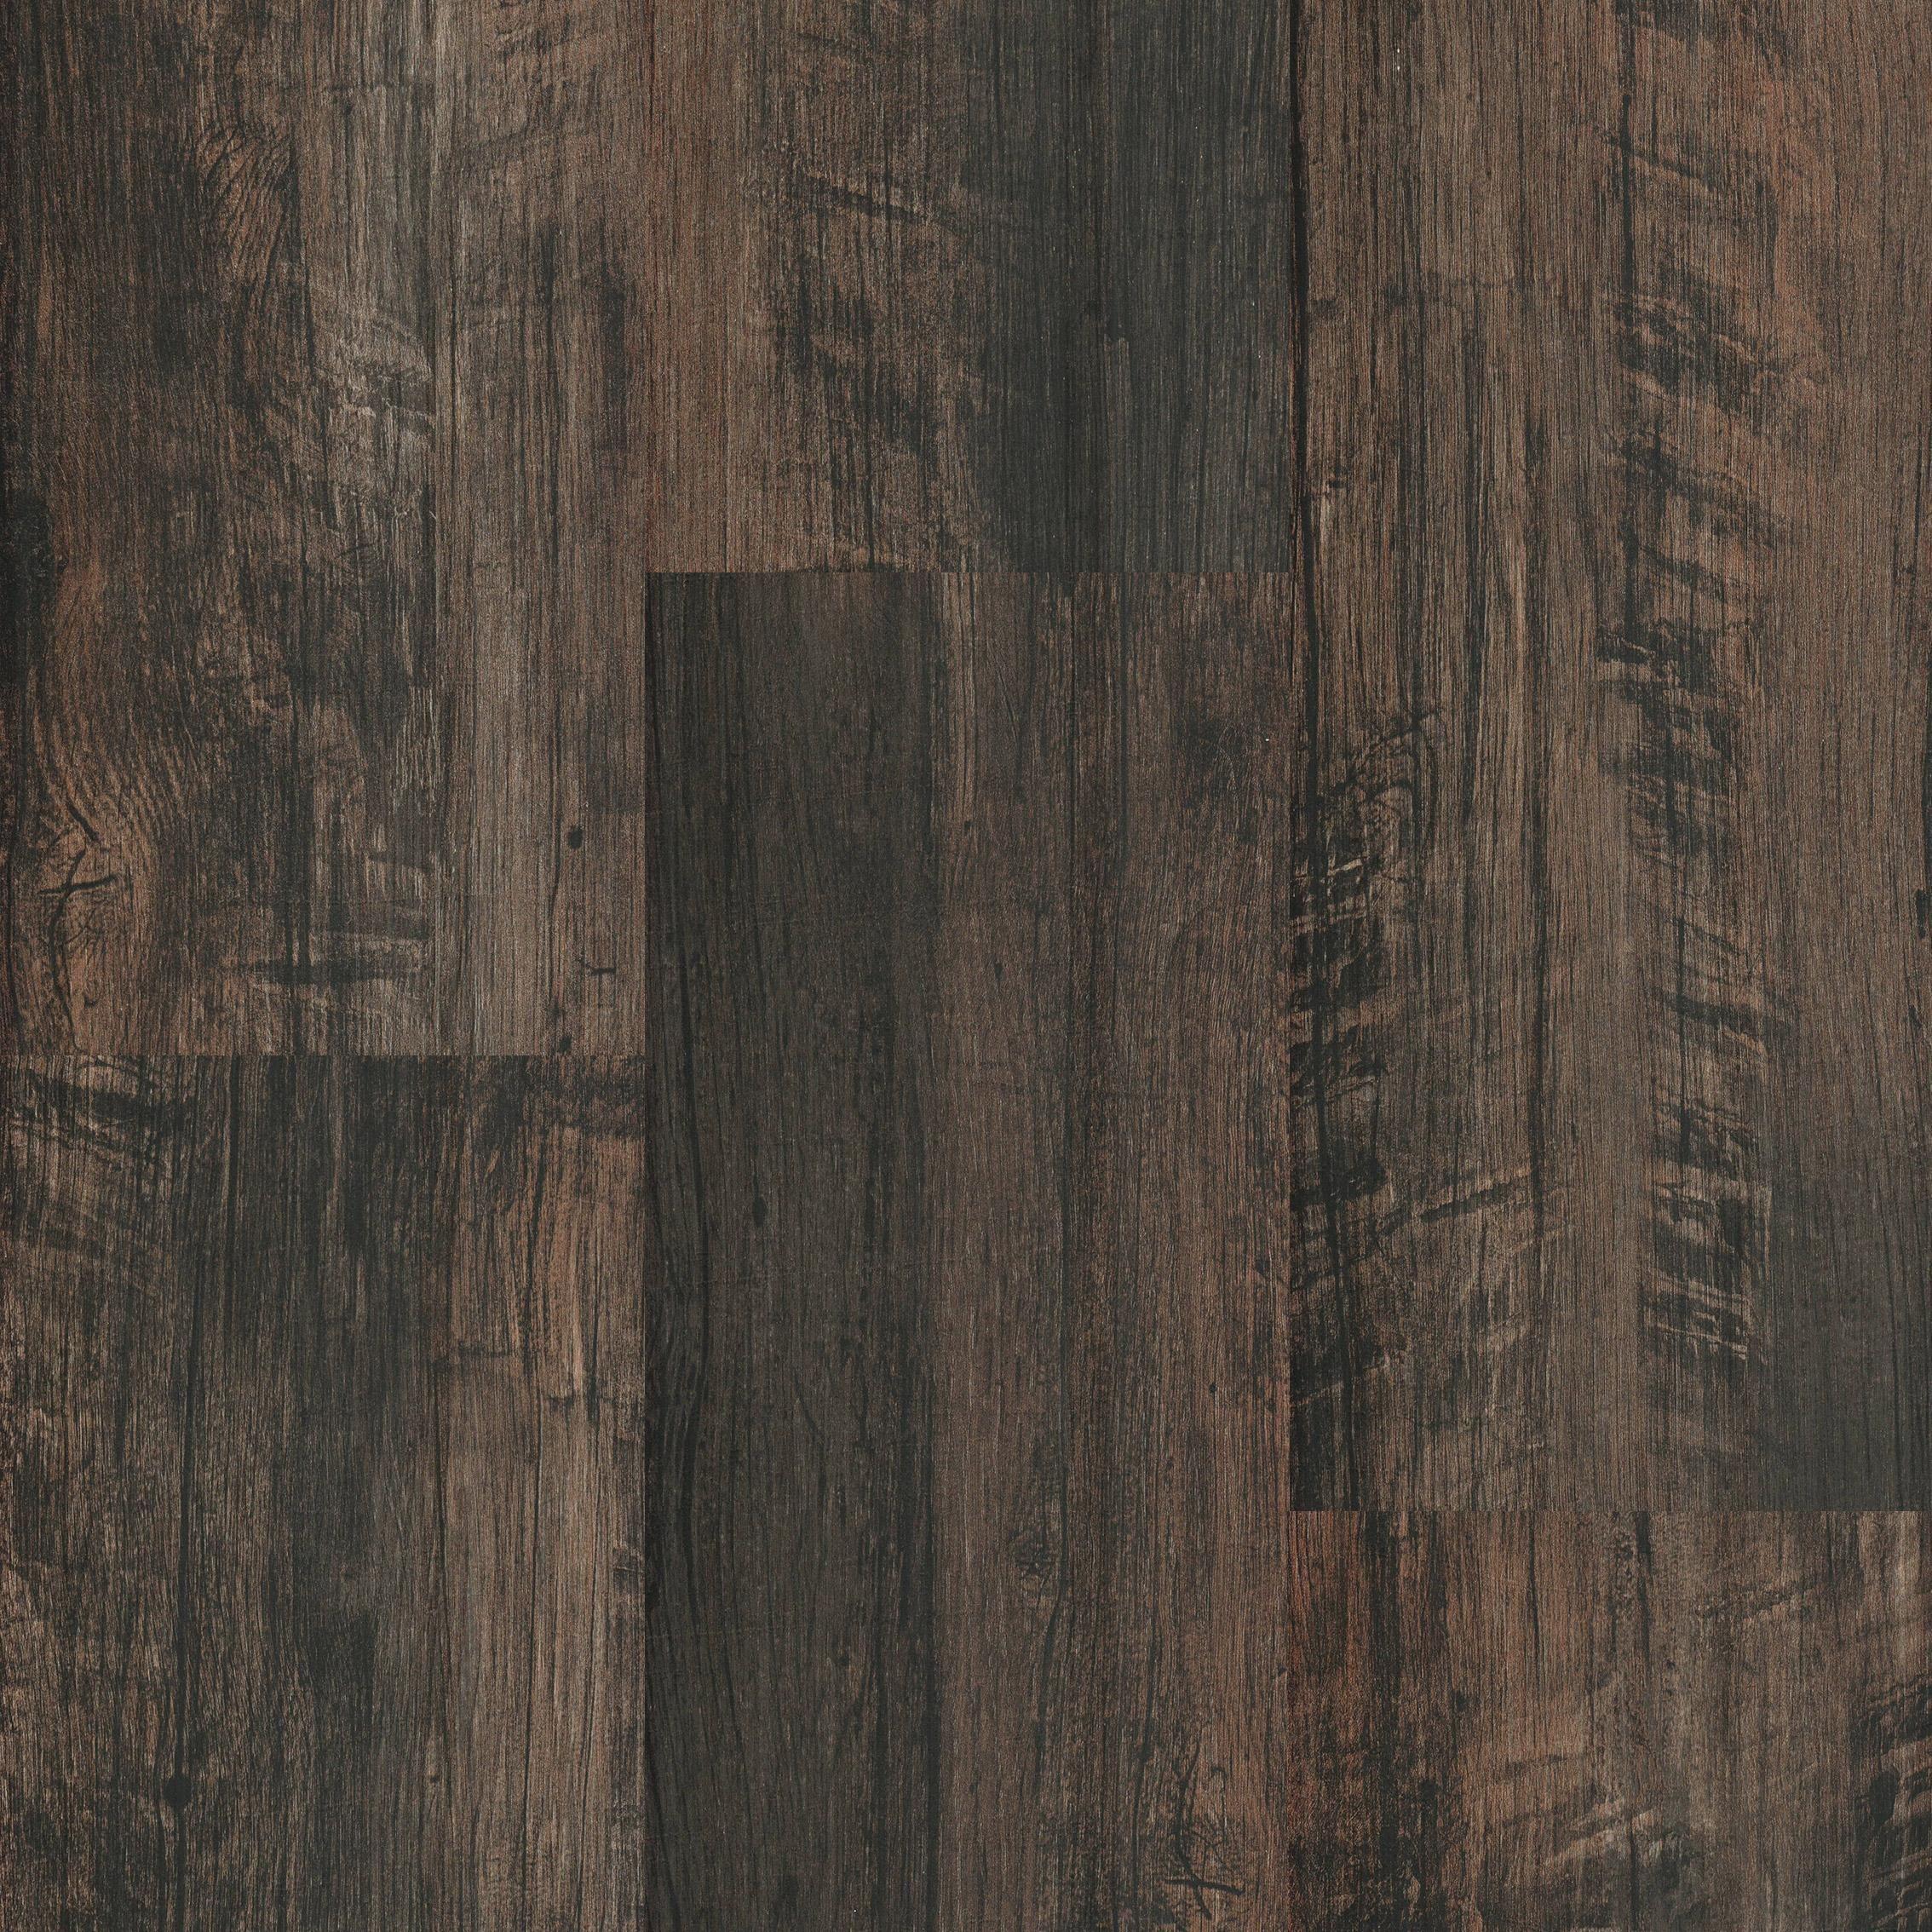 Ivc Moduleo Vision Old Rustic Oak 7 56 Waterproof Luxury Vinyl Plank Flooring Vinyl Flooring Luxury Vinyl Tile Flooring Flooring